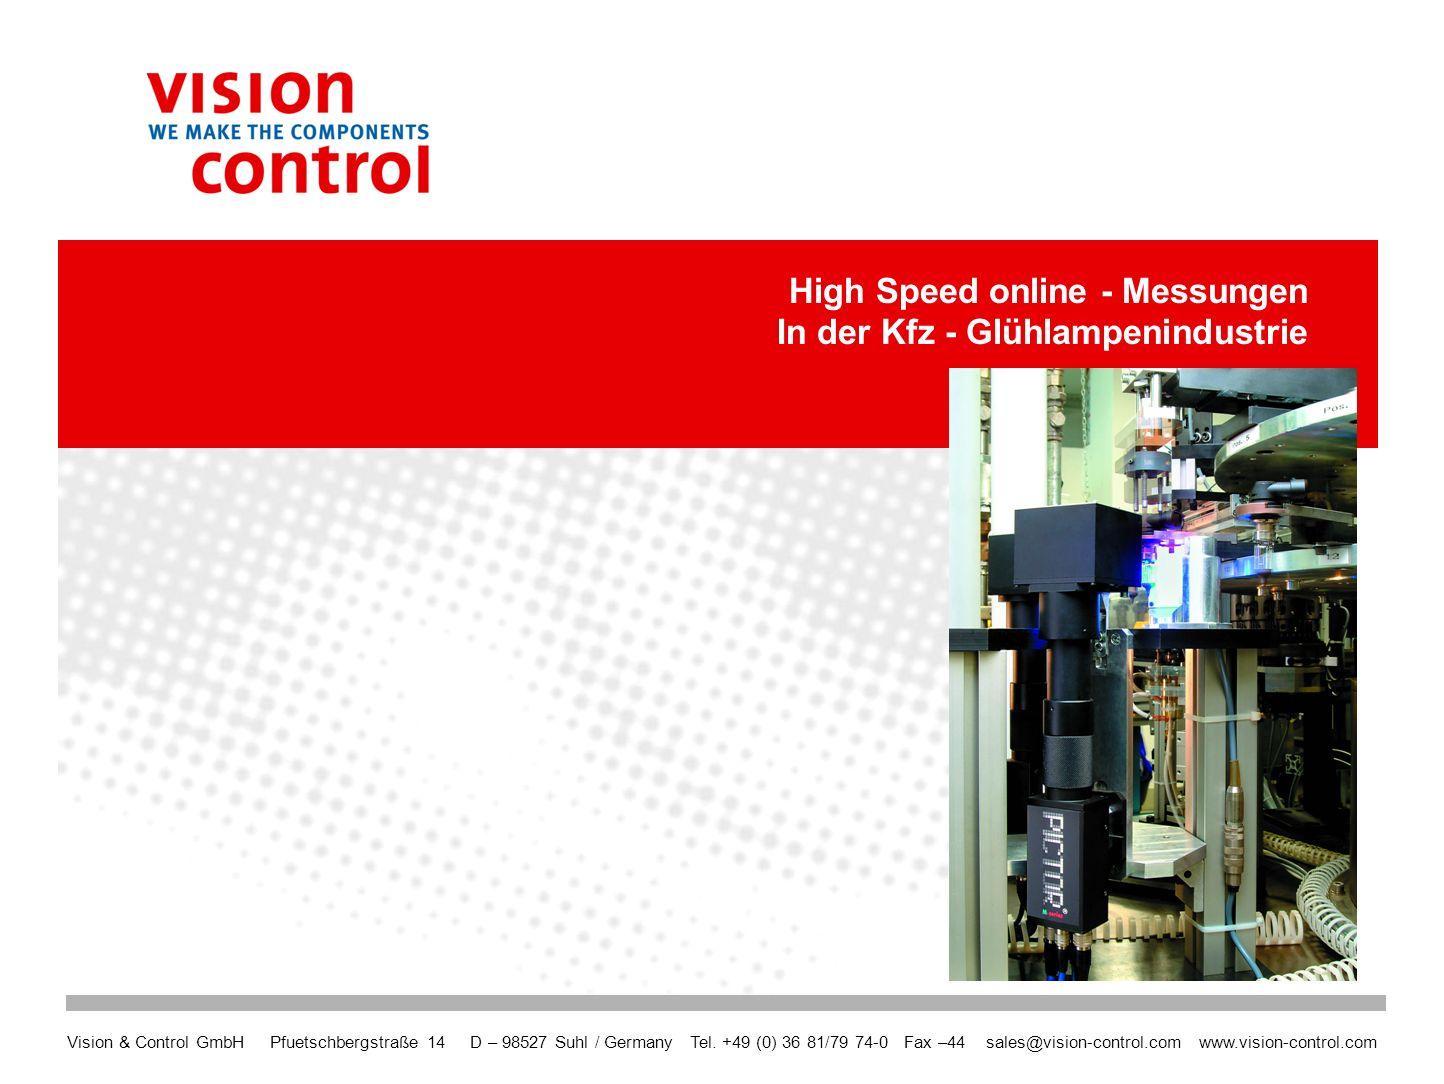 2 Vorstellung: Vision Control Vision Control – die Marktposition GesamtsortimentVision Control entwickelt und produziert alle notwendigen Komponenten für Machine Vision: Optiken, Beleuchtungen, Vision Sensoren, Smart Kameras, Mehrkamerasysteme, Installationshilfen.